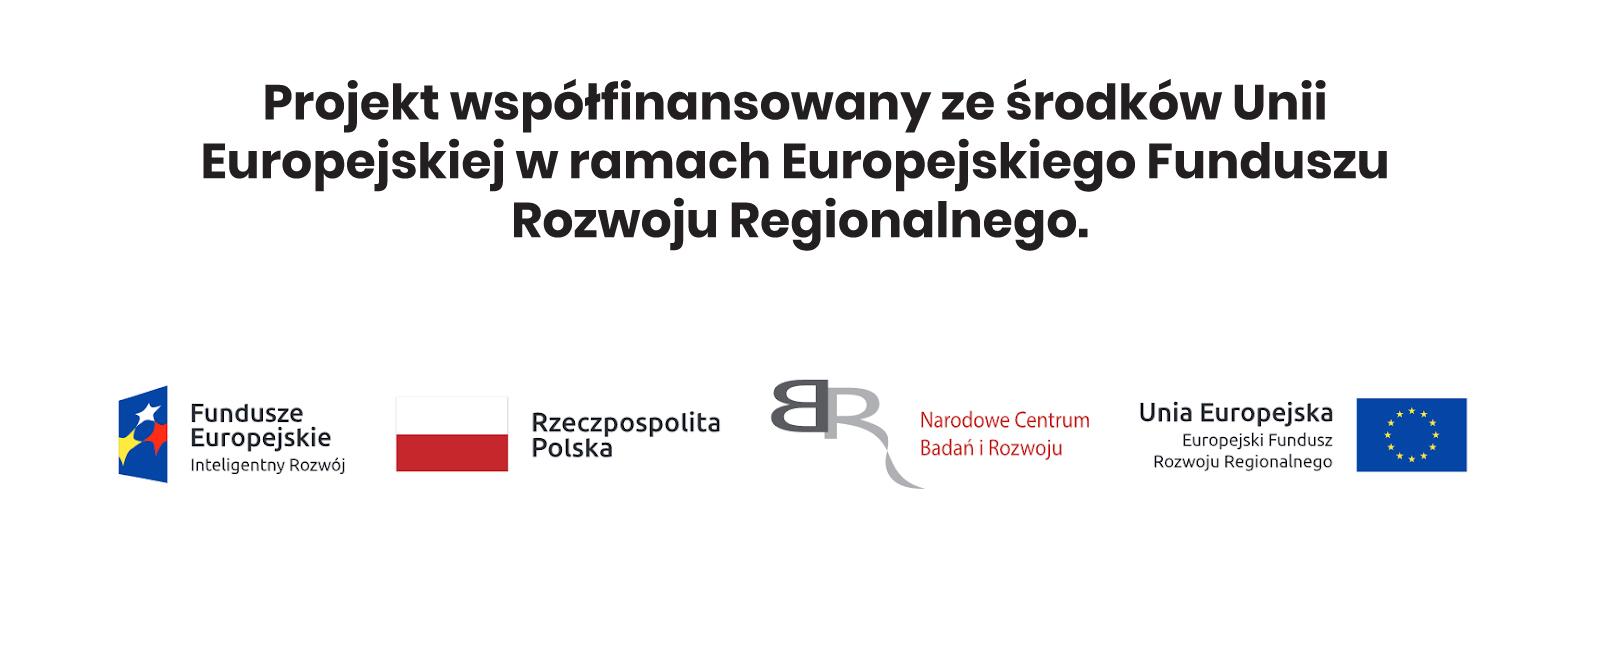 dofinansowanie z unii europejskiej